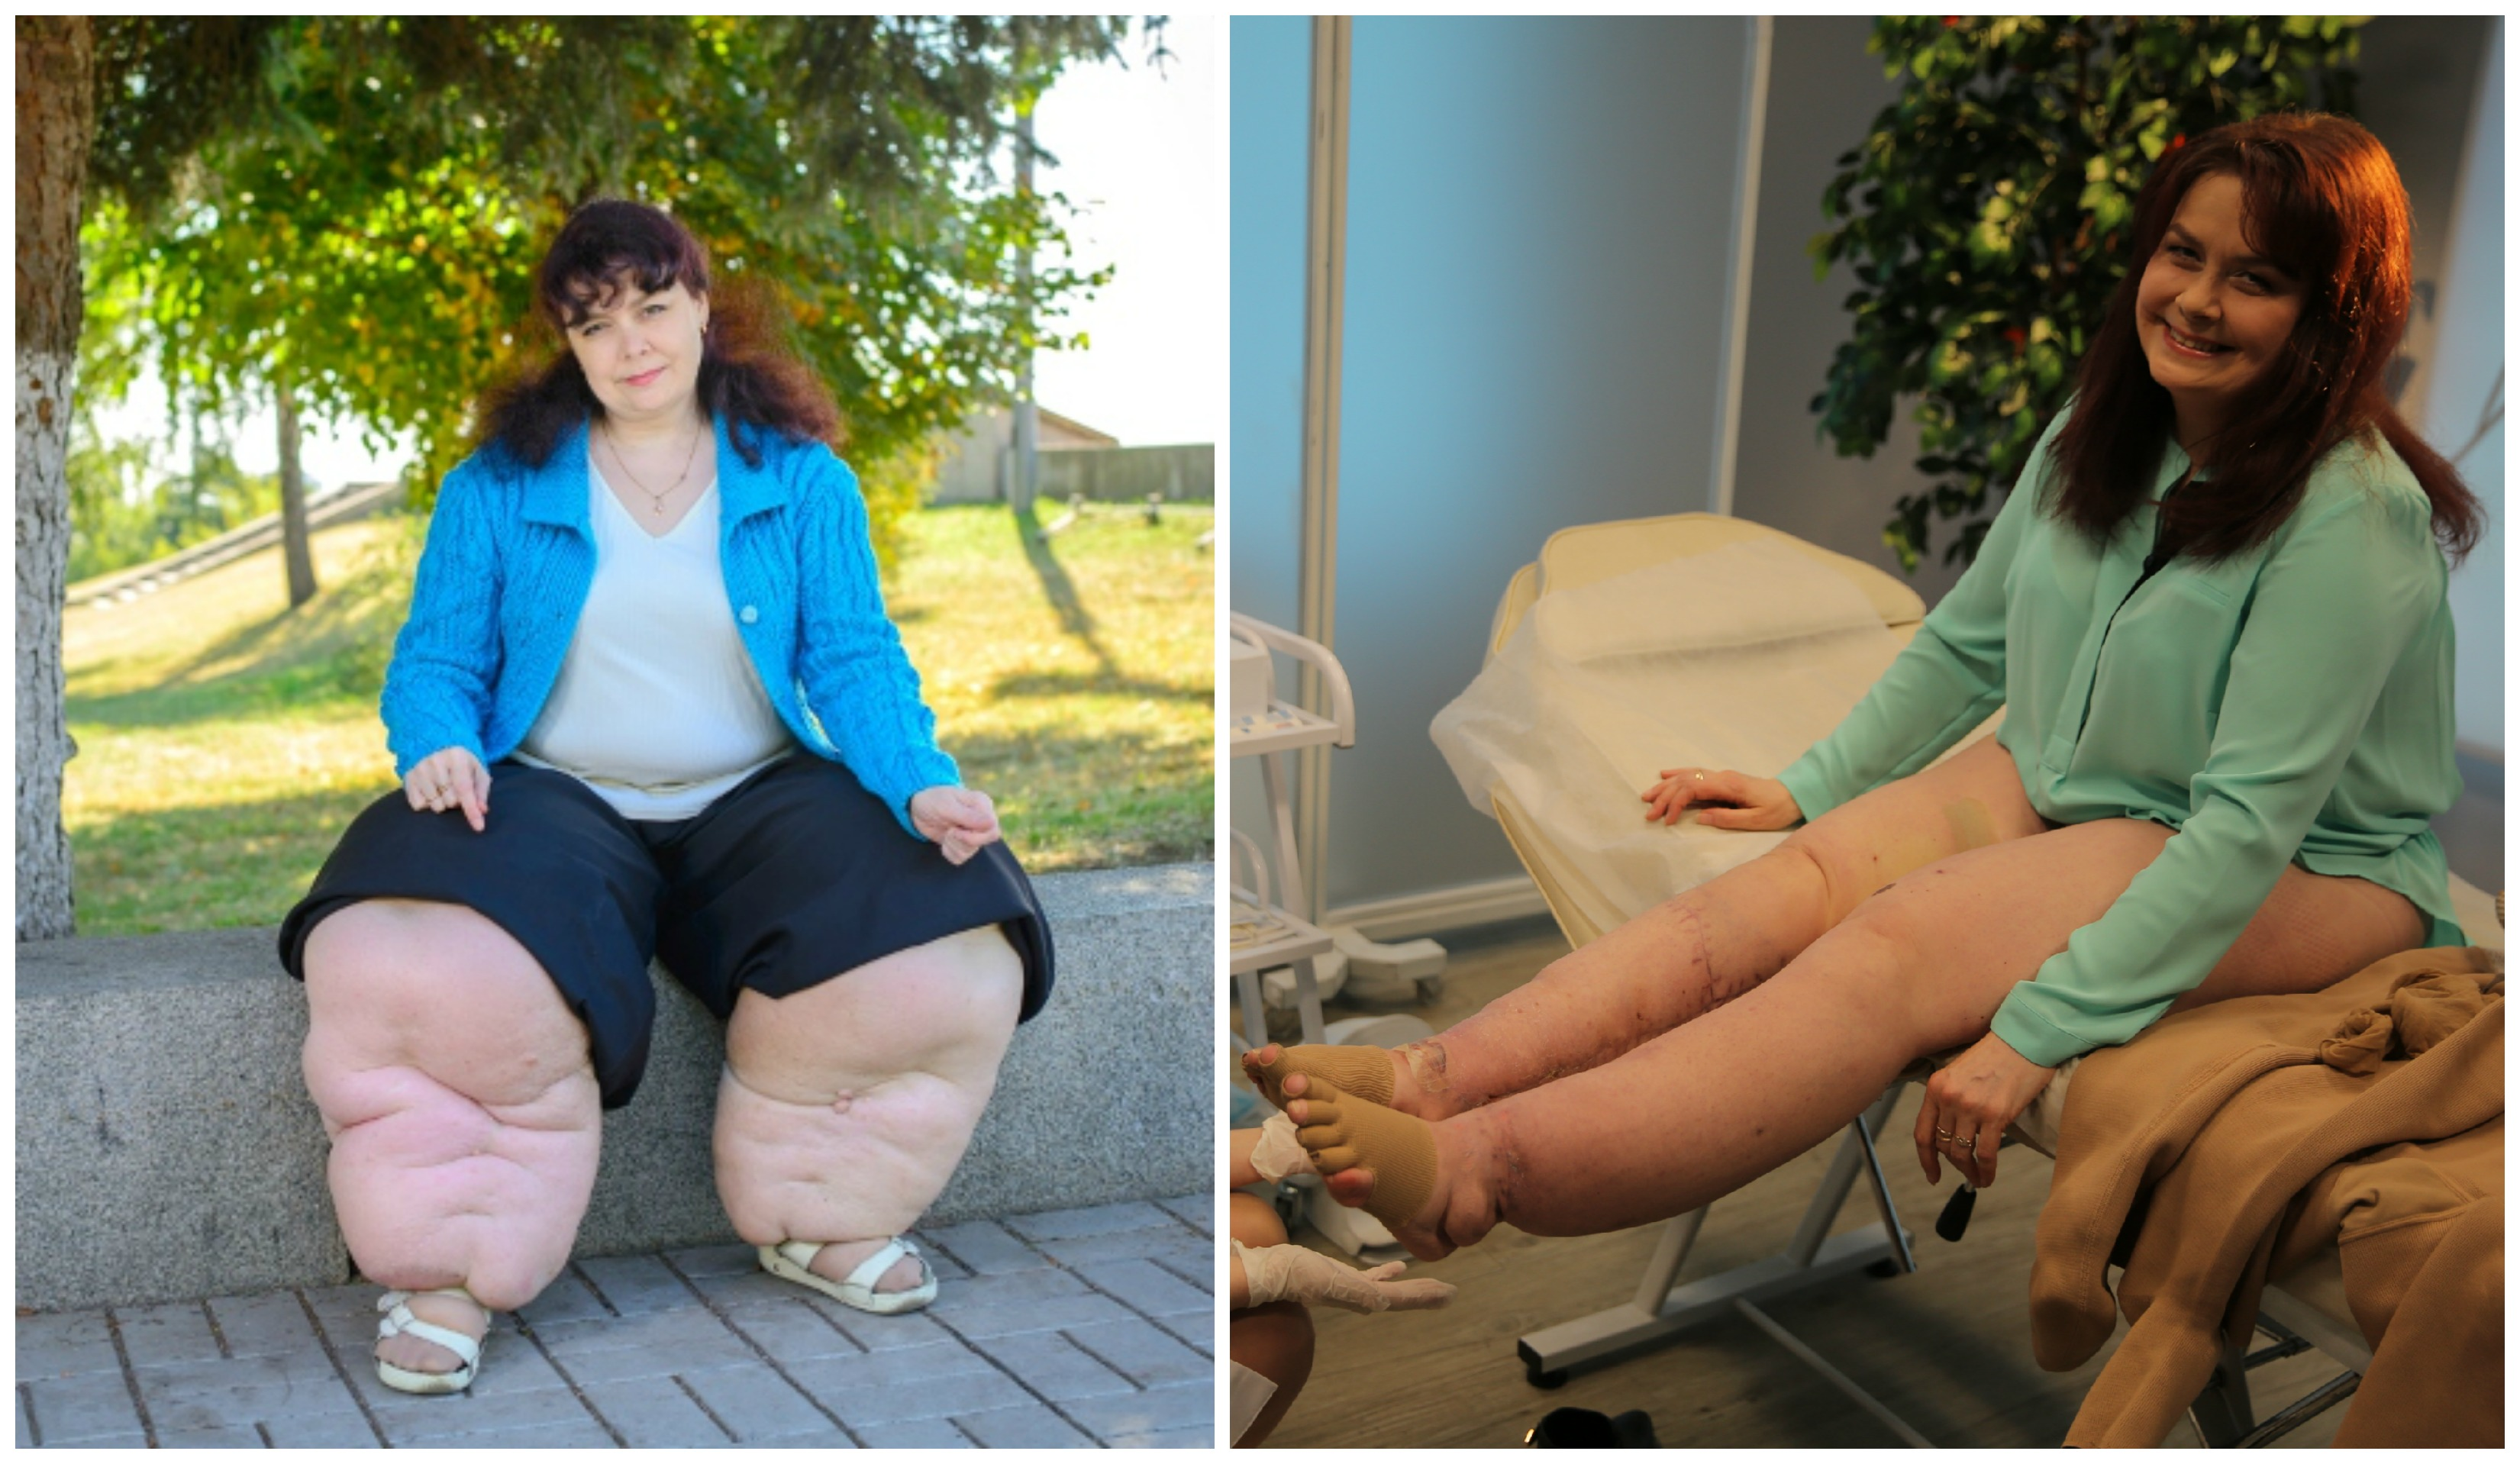 «Я стесняюсь своего тела вот зачем на СТБ искали больных и